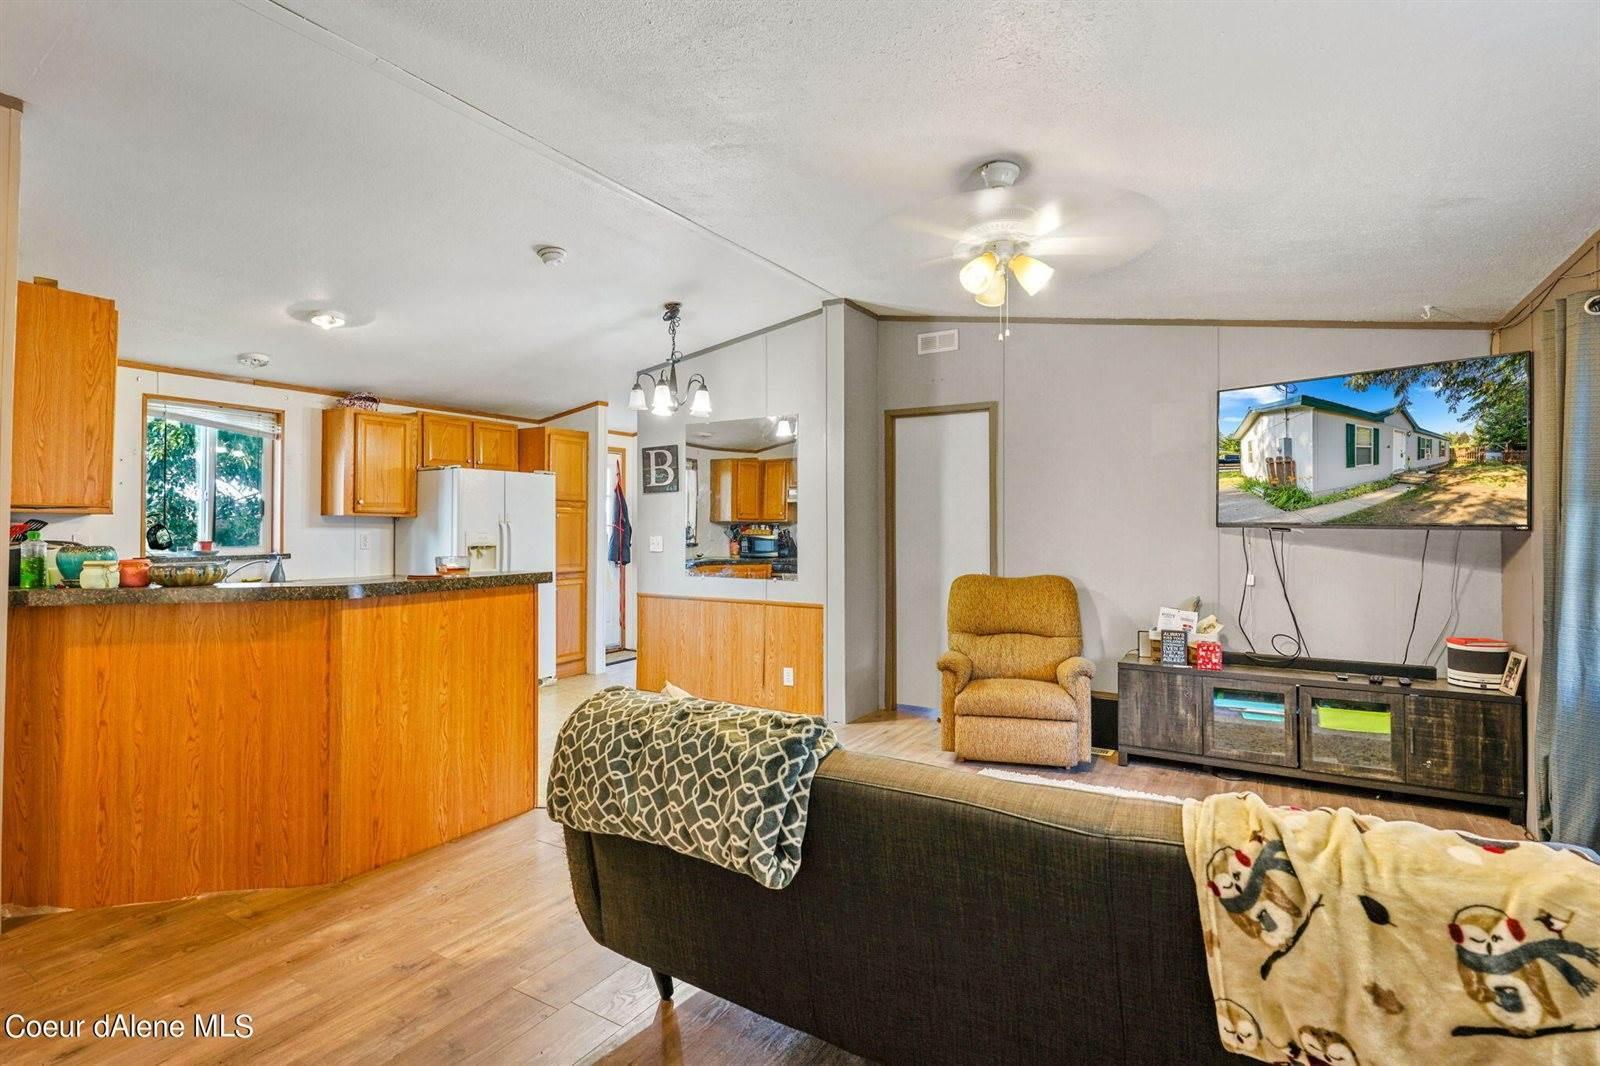 32364 8th Ave, Spirit Lake, ID 83869